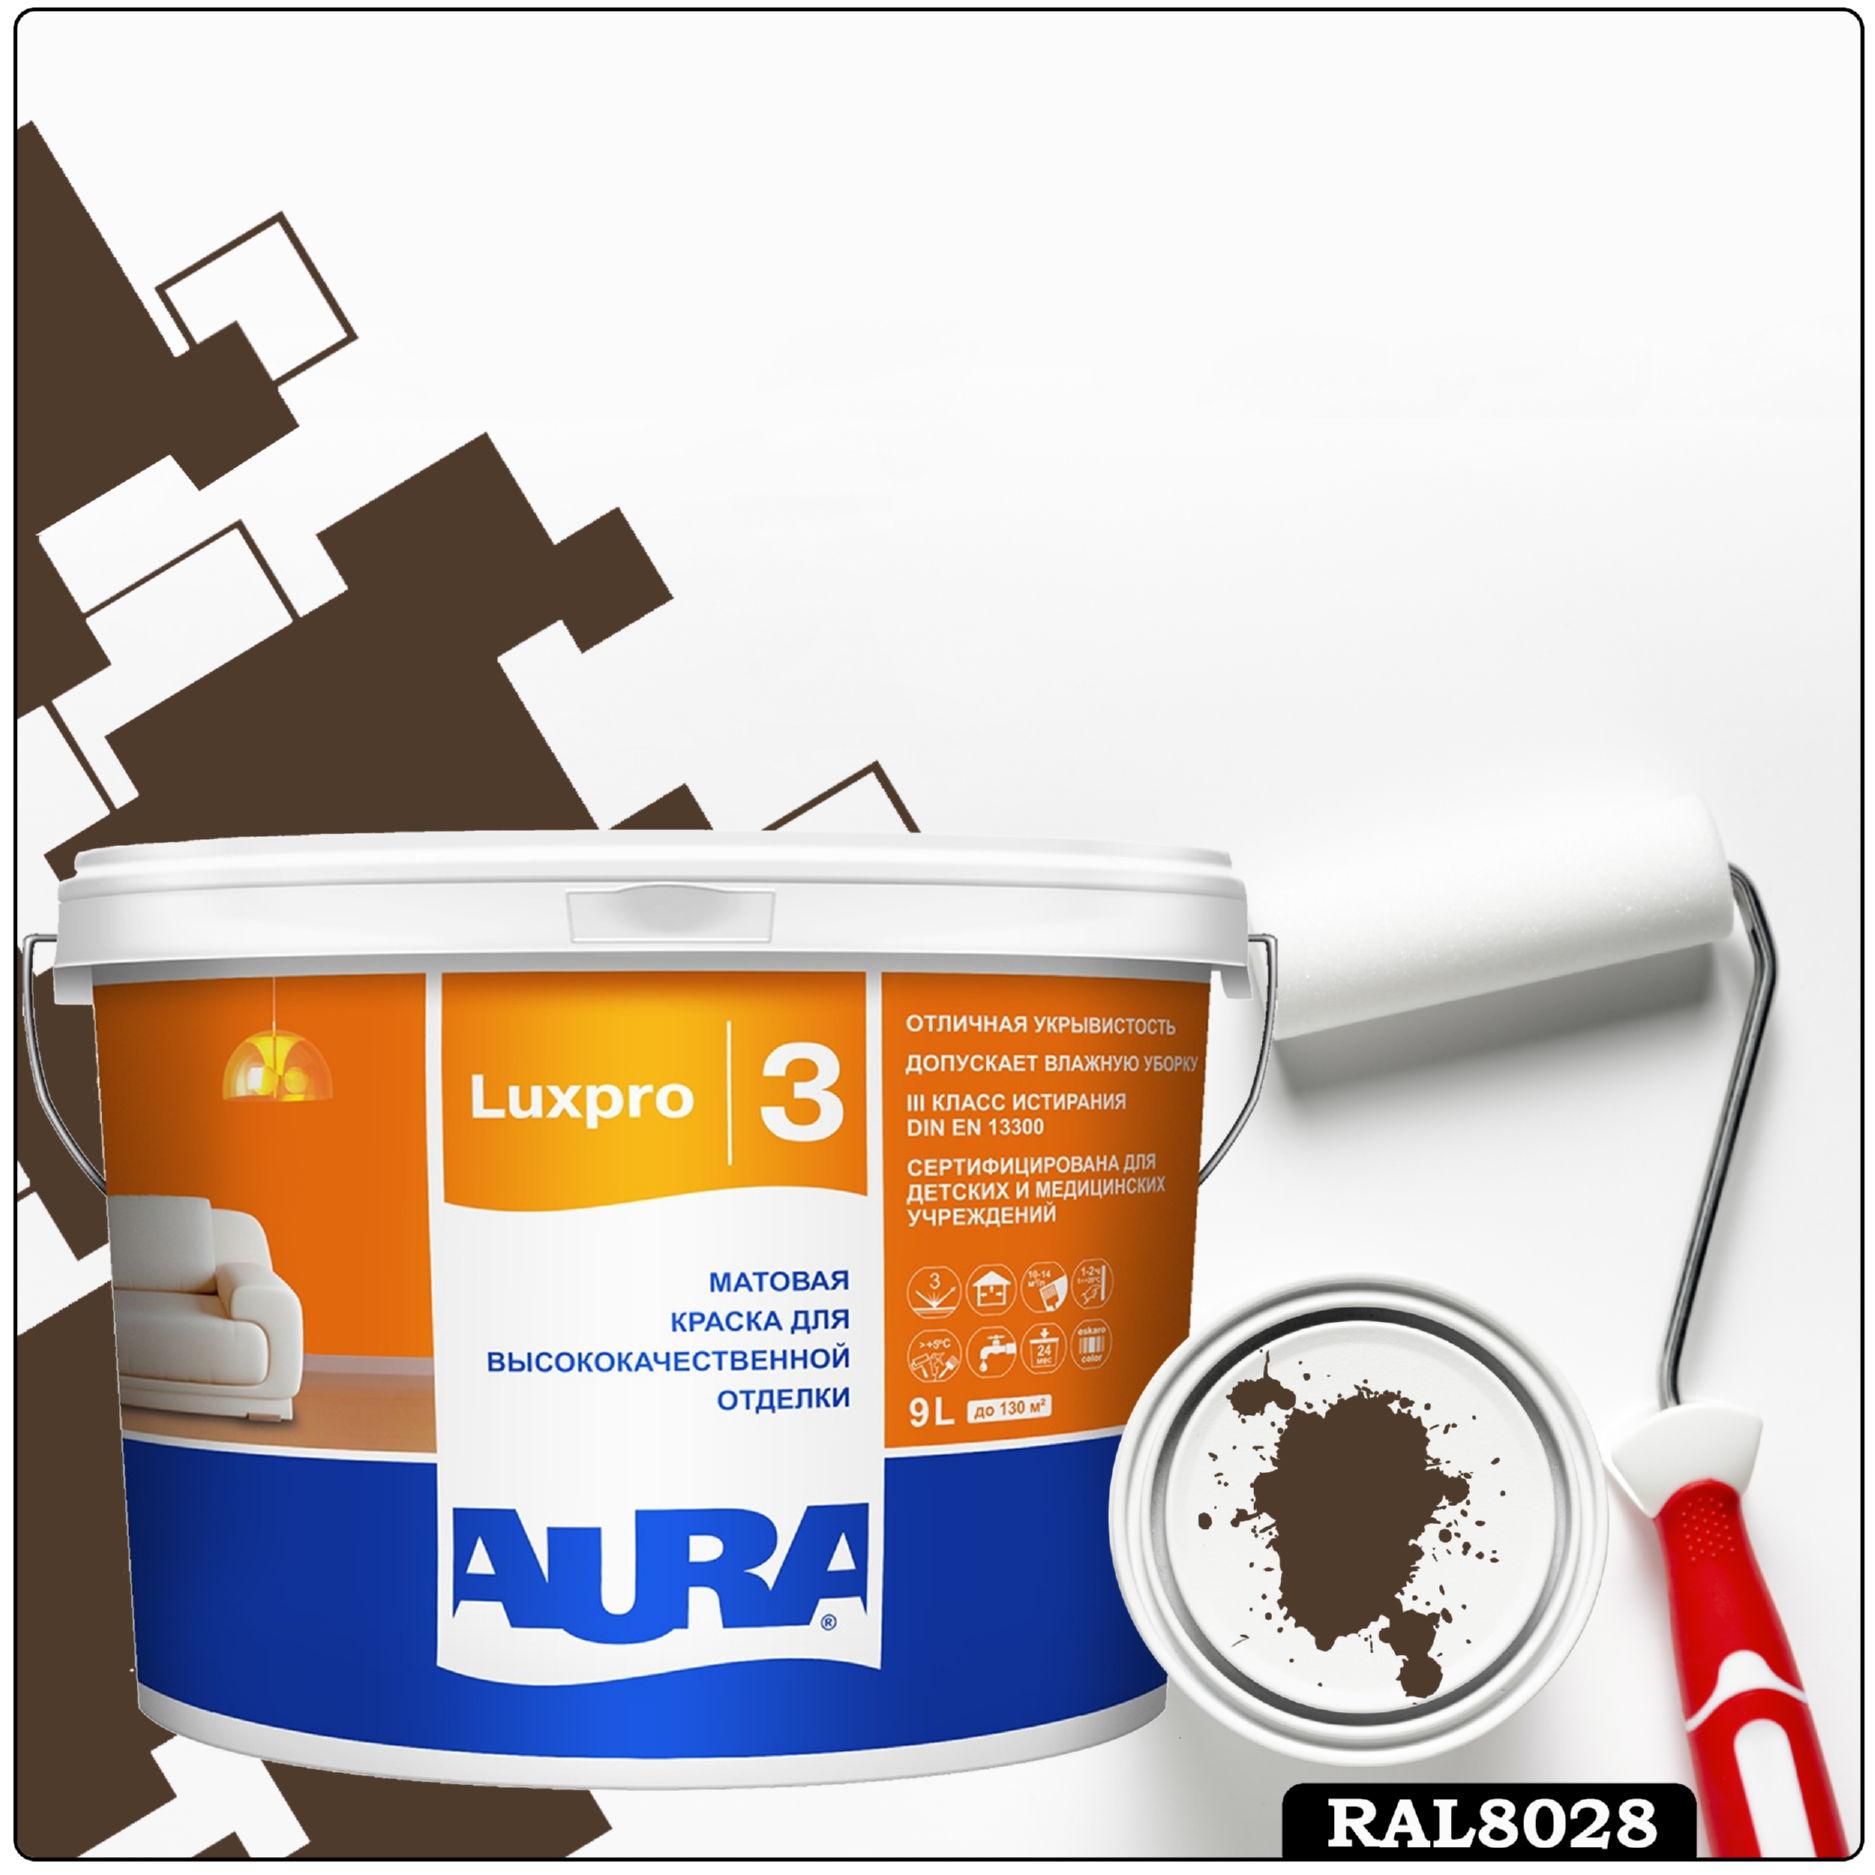 Фото 2 - Краска Aura LuxPRO 3, RAL 8028 Терракотовый, латексная, шелково-матовая, интерьерная, 9л, Аура.